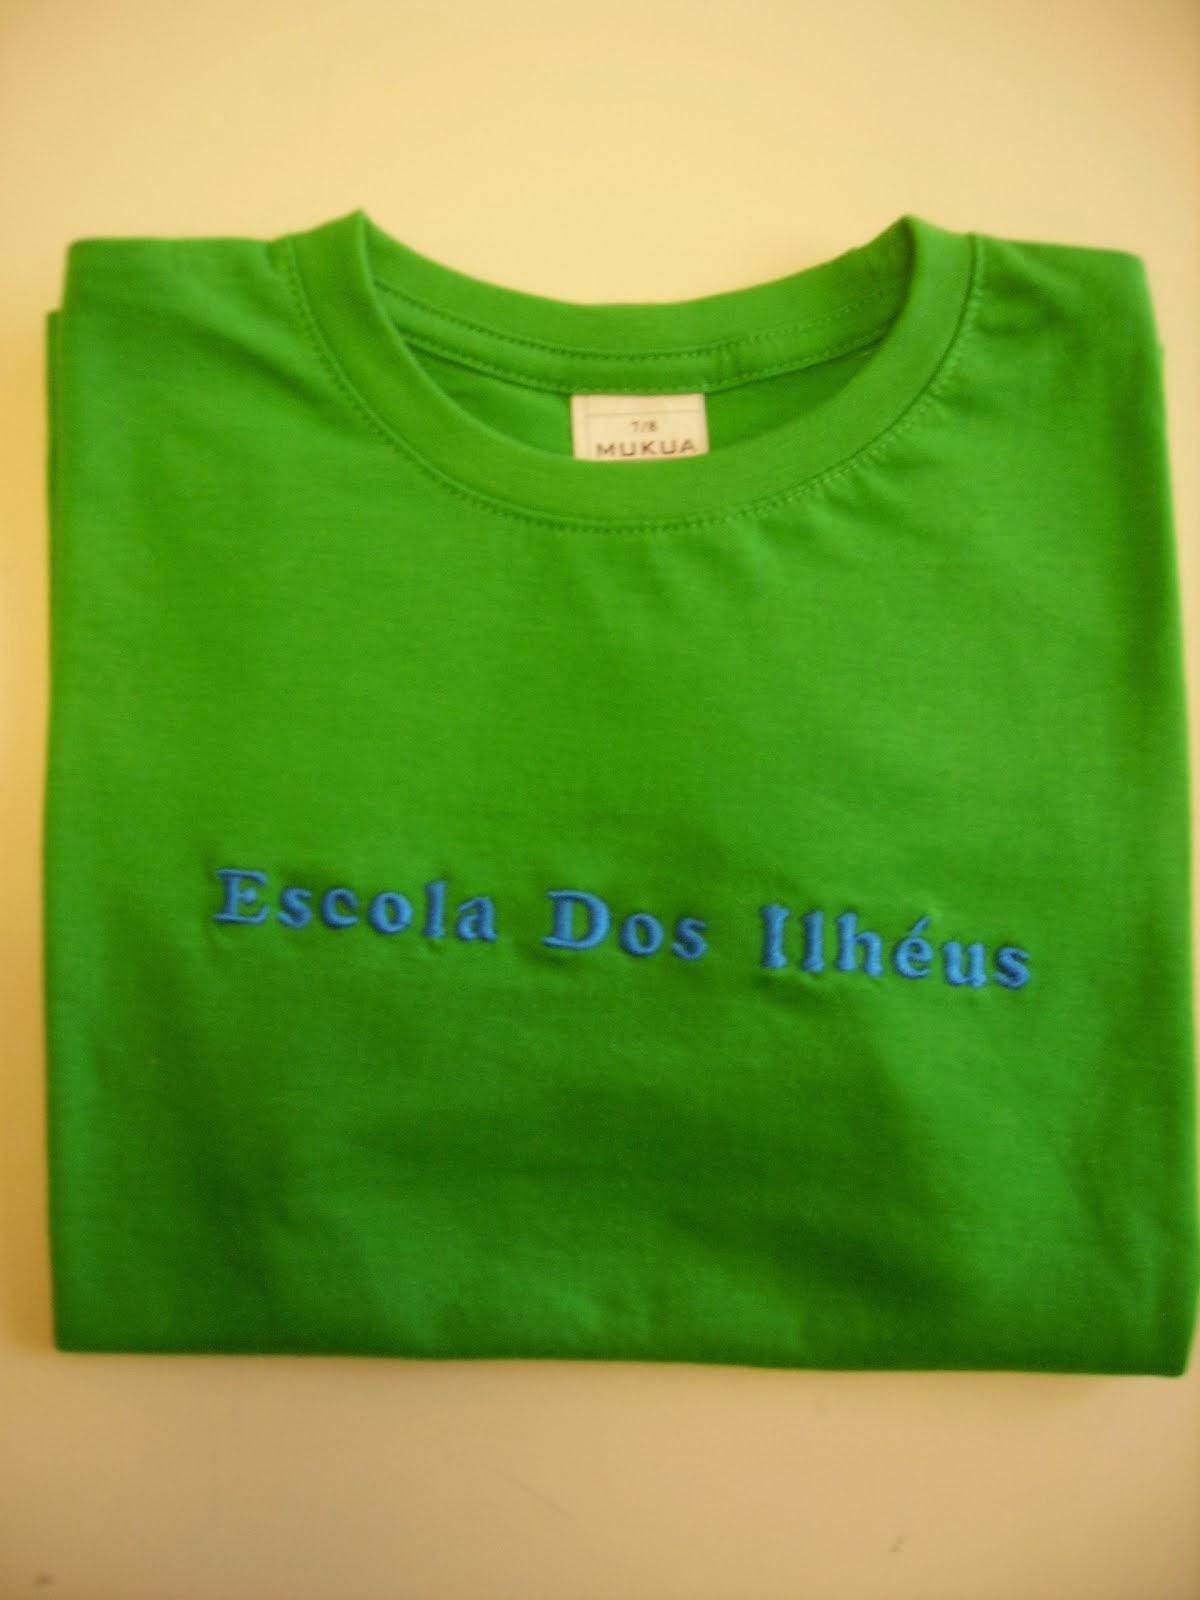 T-shirt da Escola